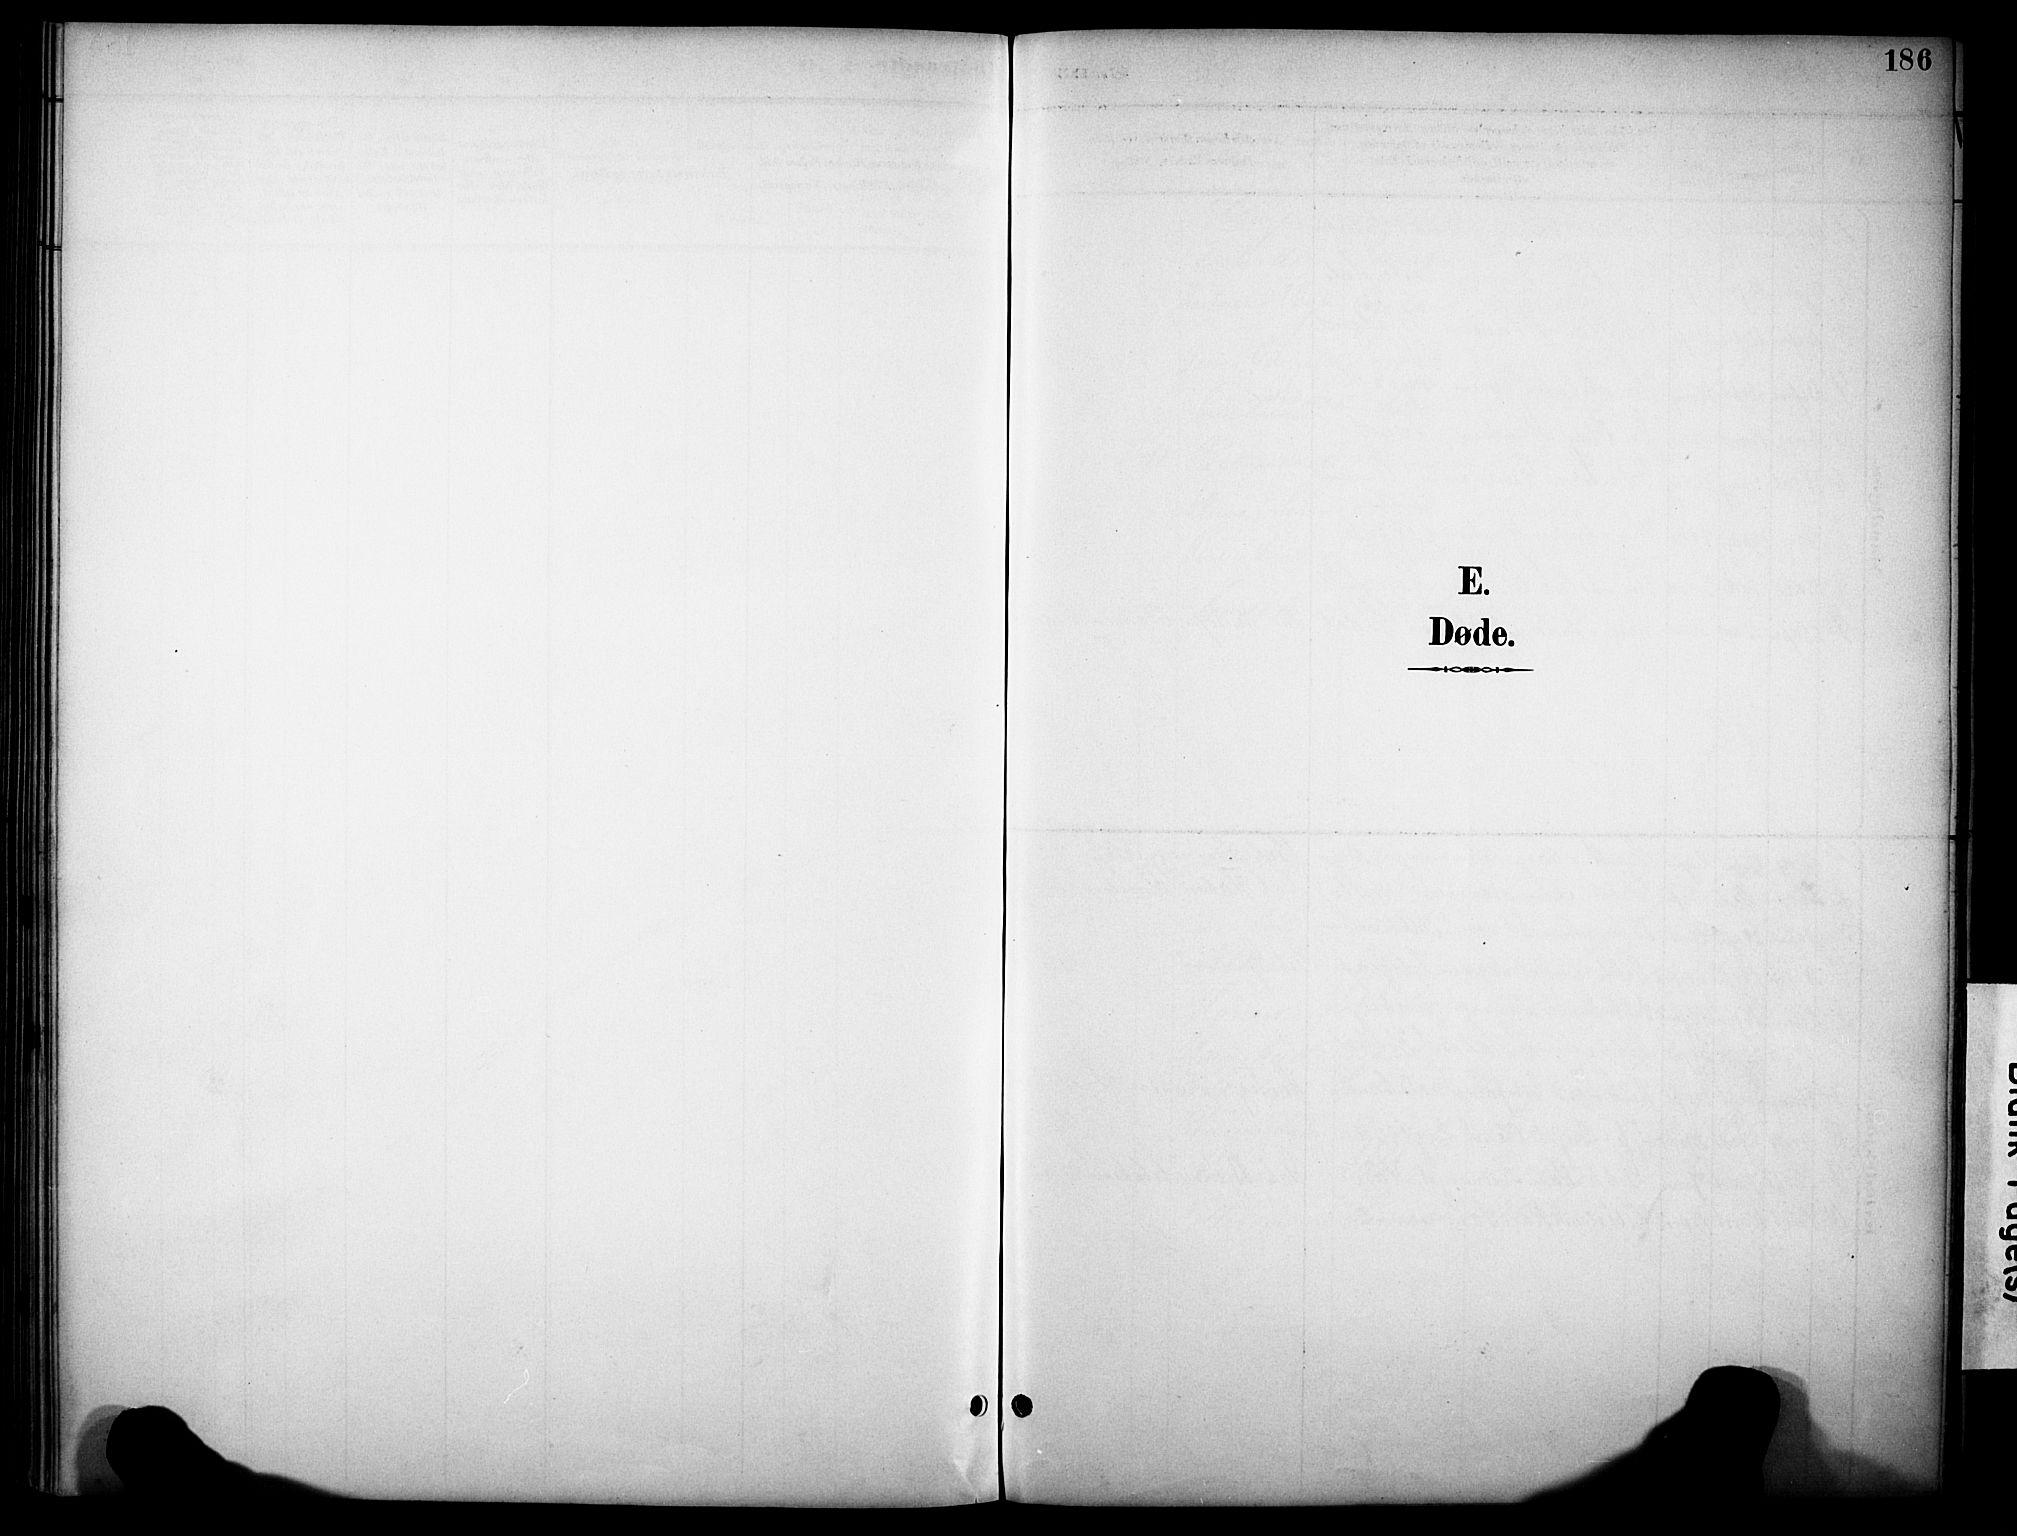 SAKO, Kviteseid kirkebøker, G/Gb/L0003: Klokkerbok nr. II 3, 1893-1933, s. 186